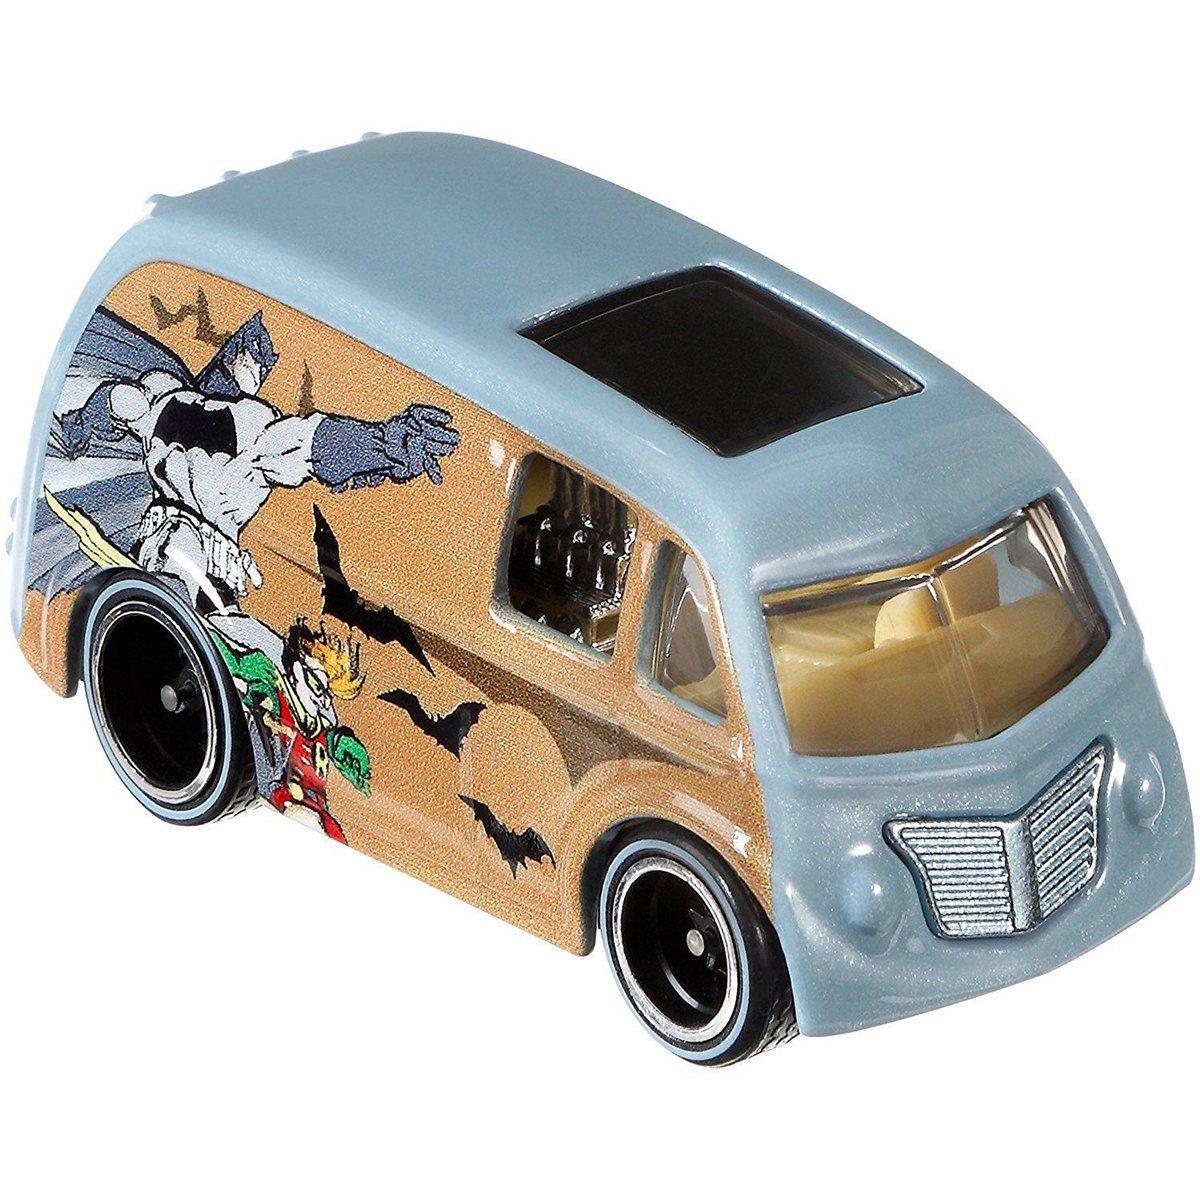 Carrinho Hot Wheels: Batman Quick D-Livery (DLB45) - Mattel